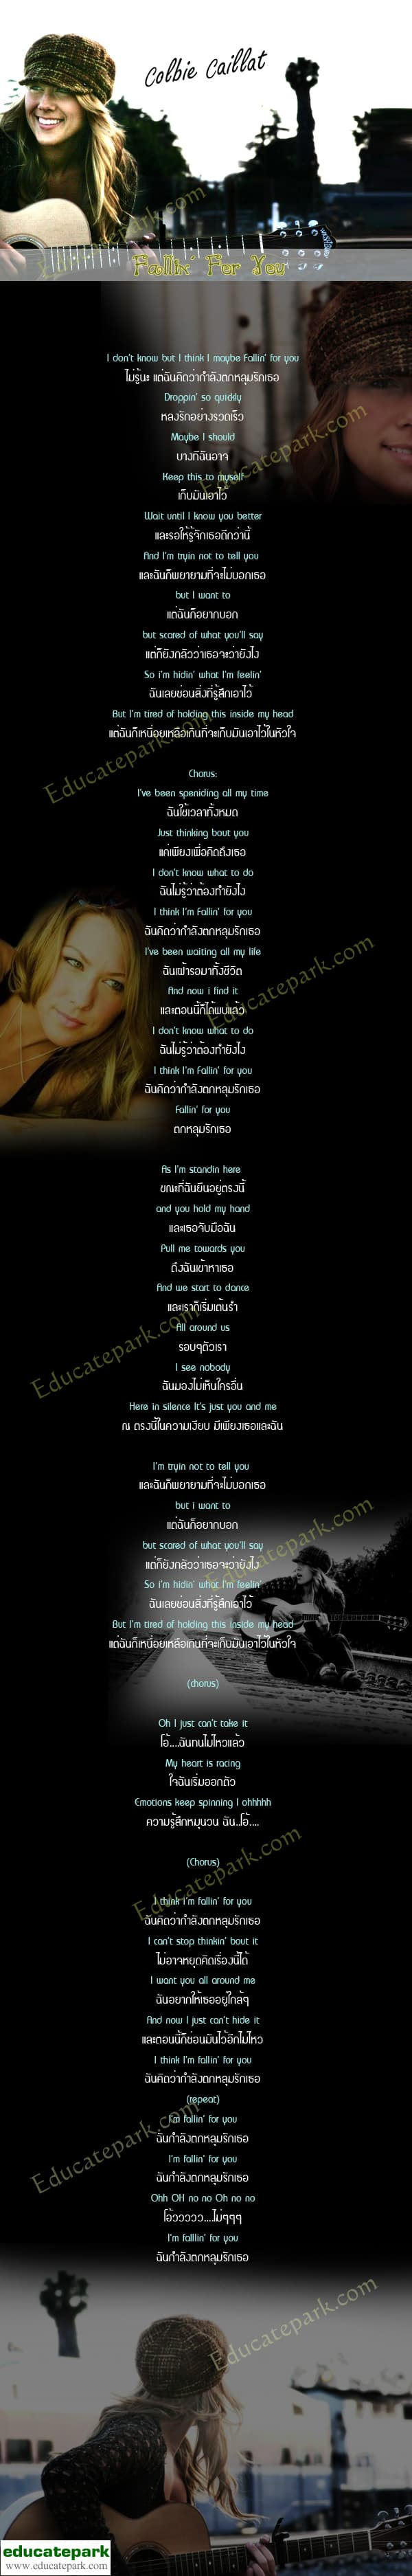 แปลเพลง Fallin for You - Colbie Caillat